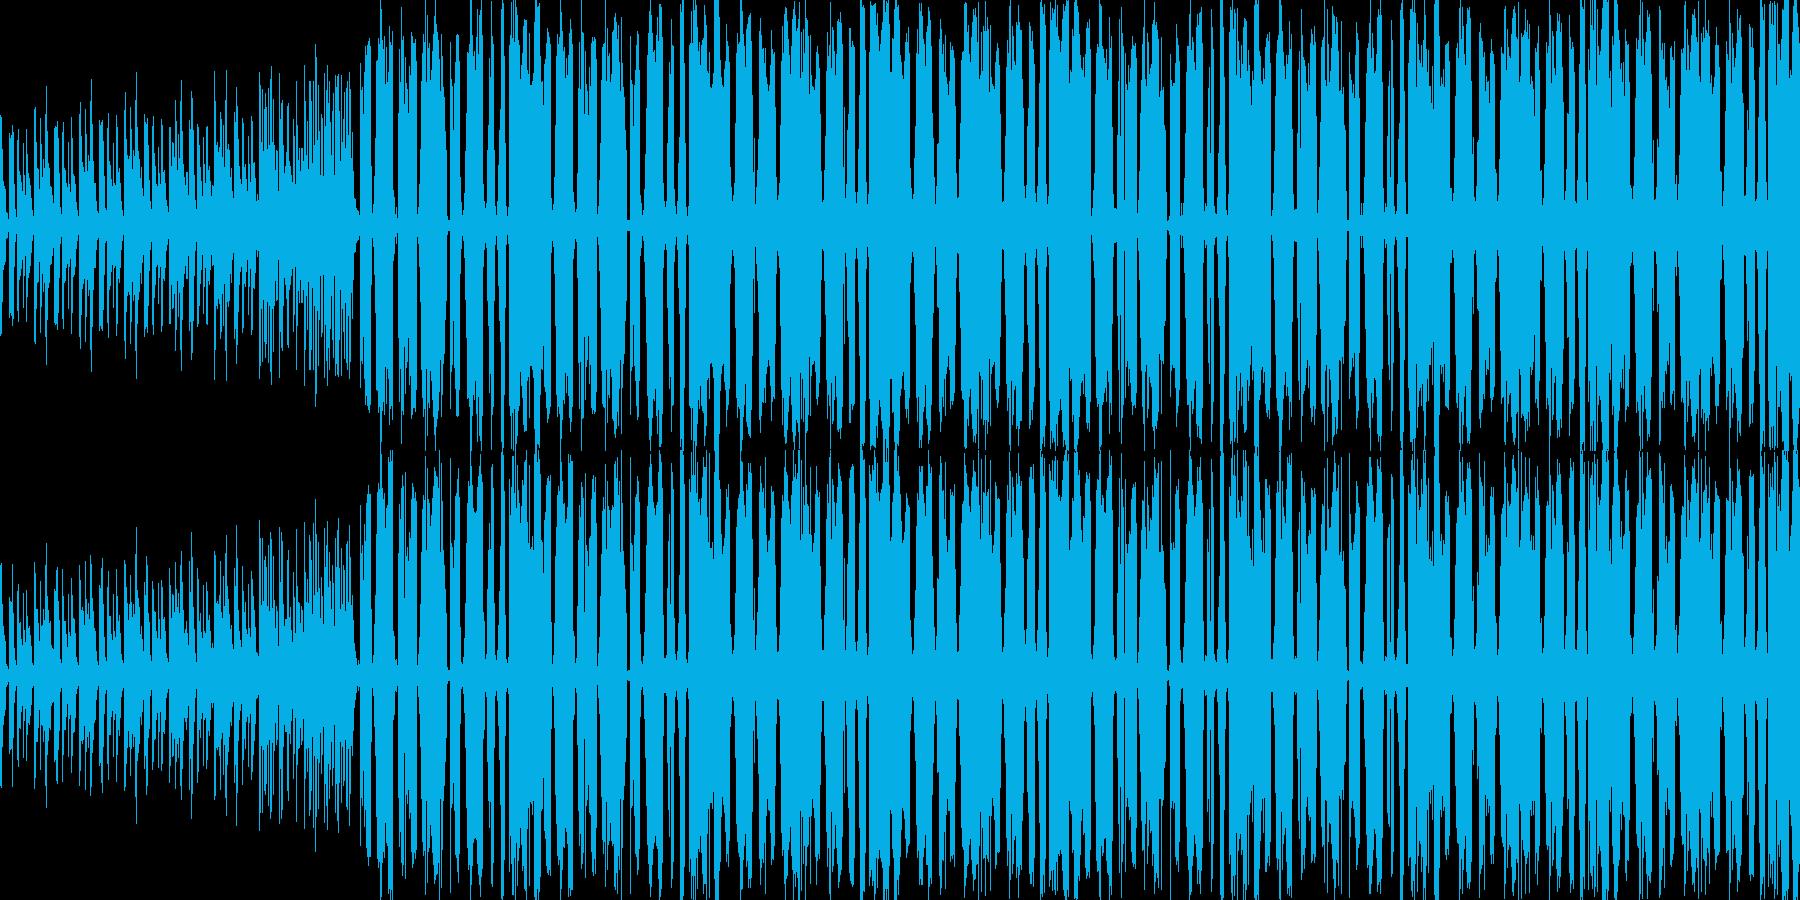 【ダンス/クラブイベントに最適BGM】の再生済みの波形